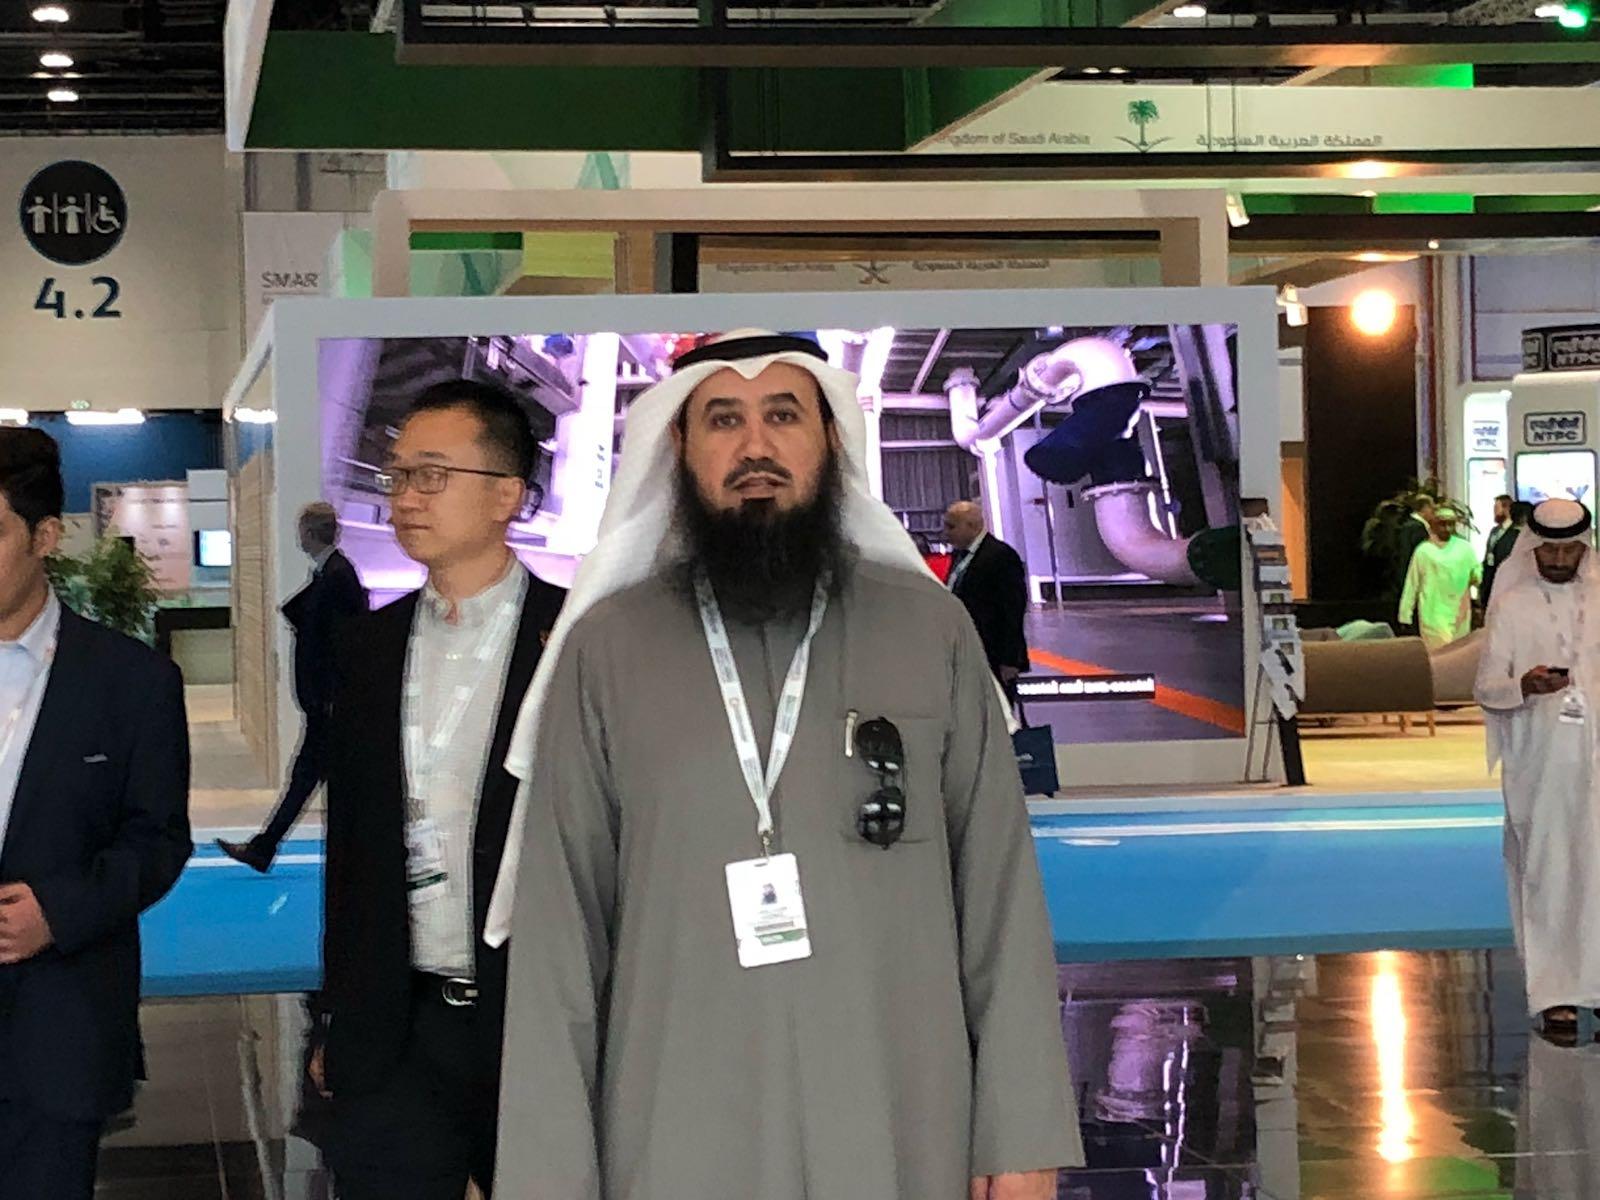 رئيس الجمعية شارك في أعمال مؤتمر القمة العالمية لمستقبل الطاقة في أبو ظبي